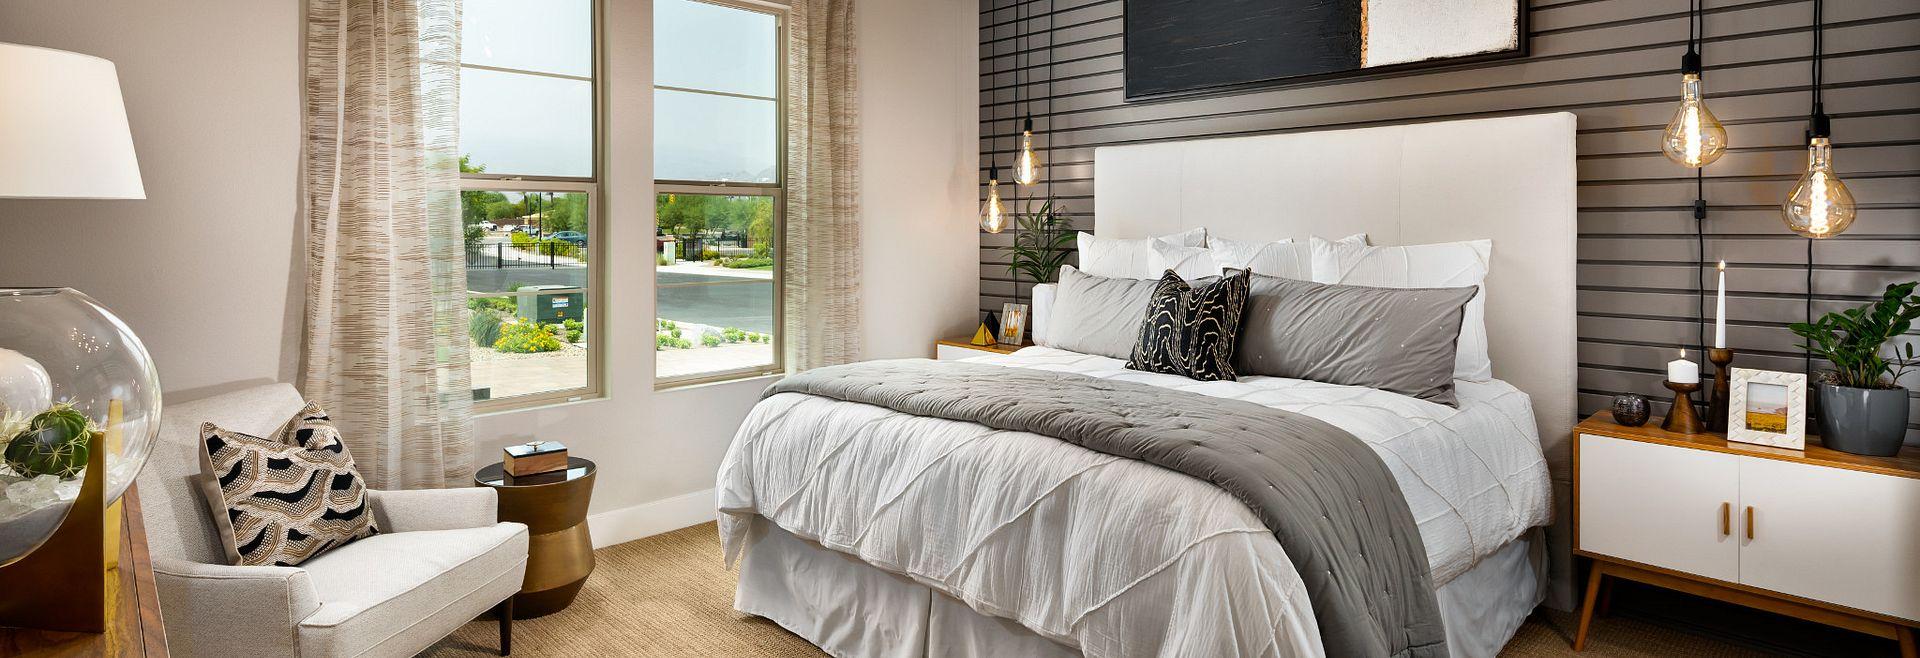 Liberty Plan Guest Bedroom